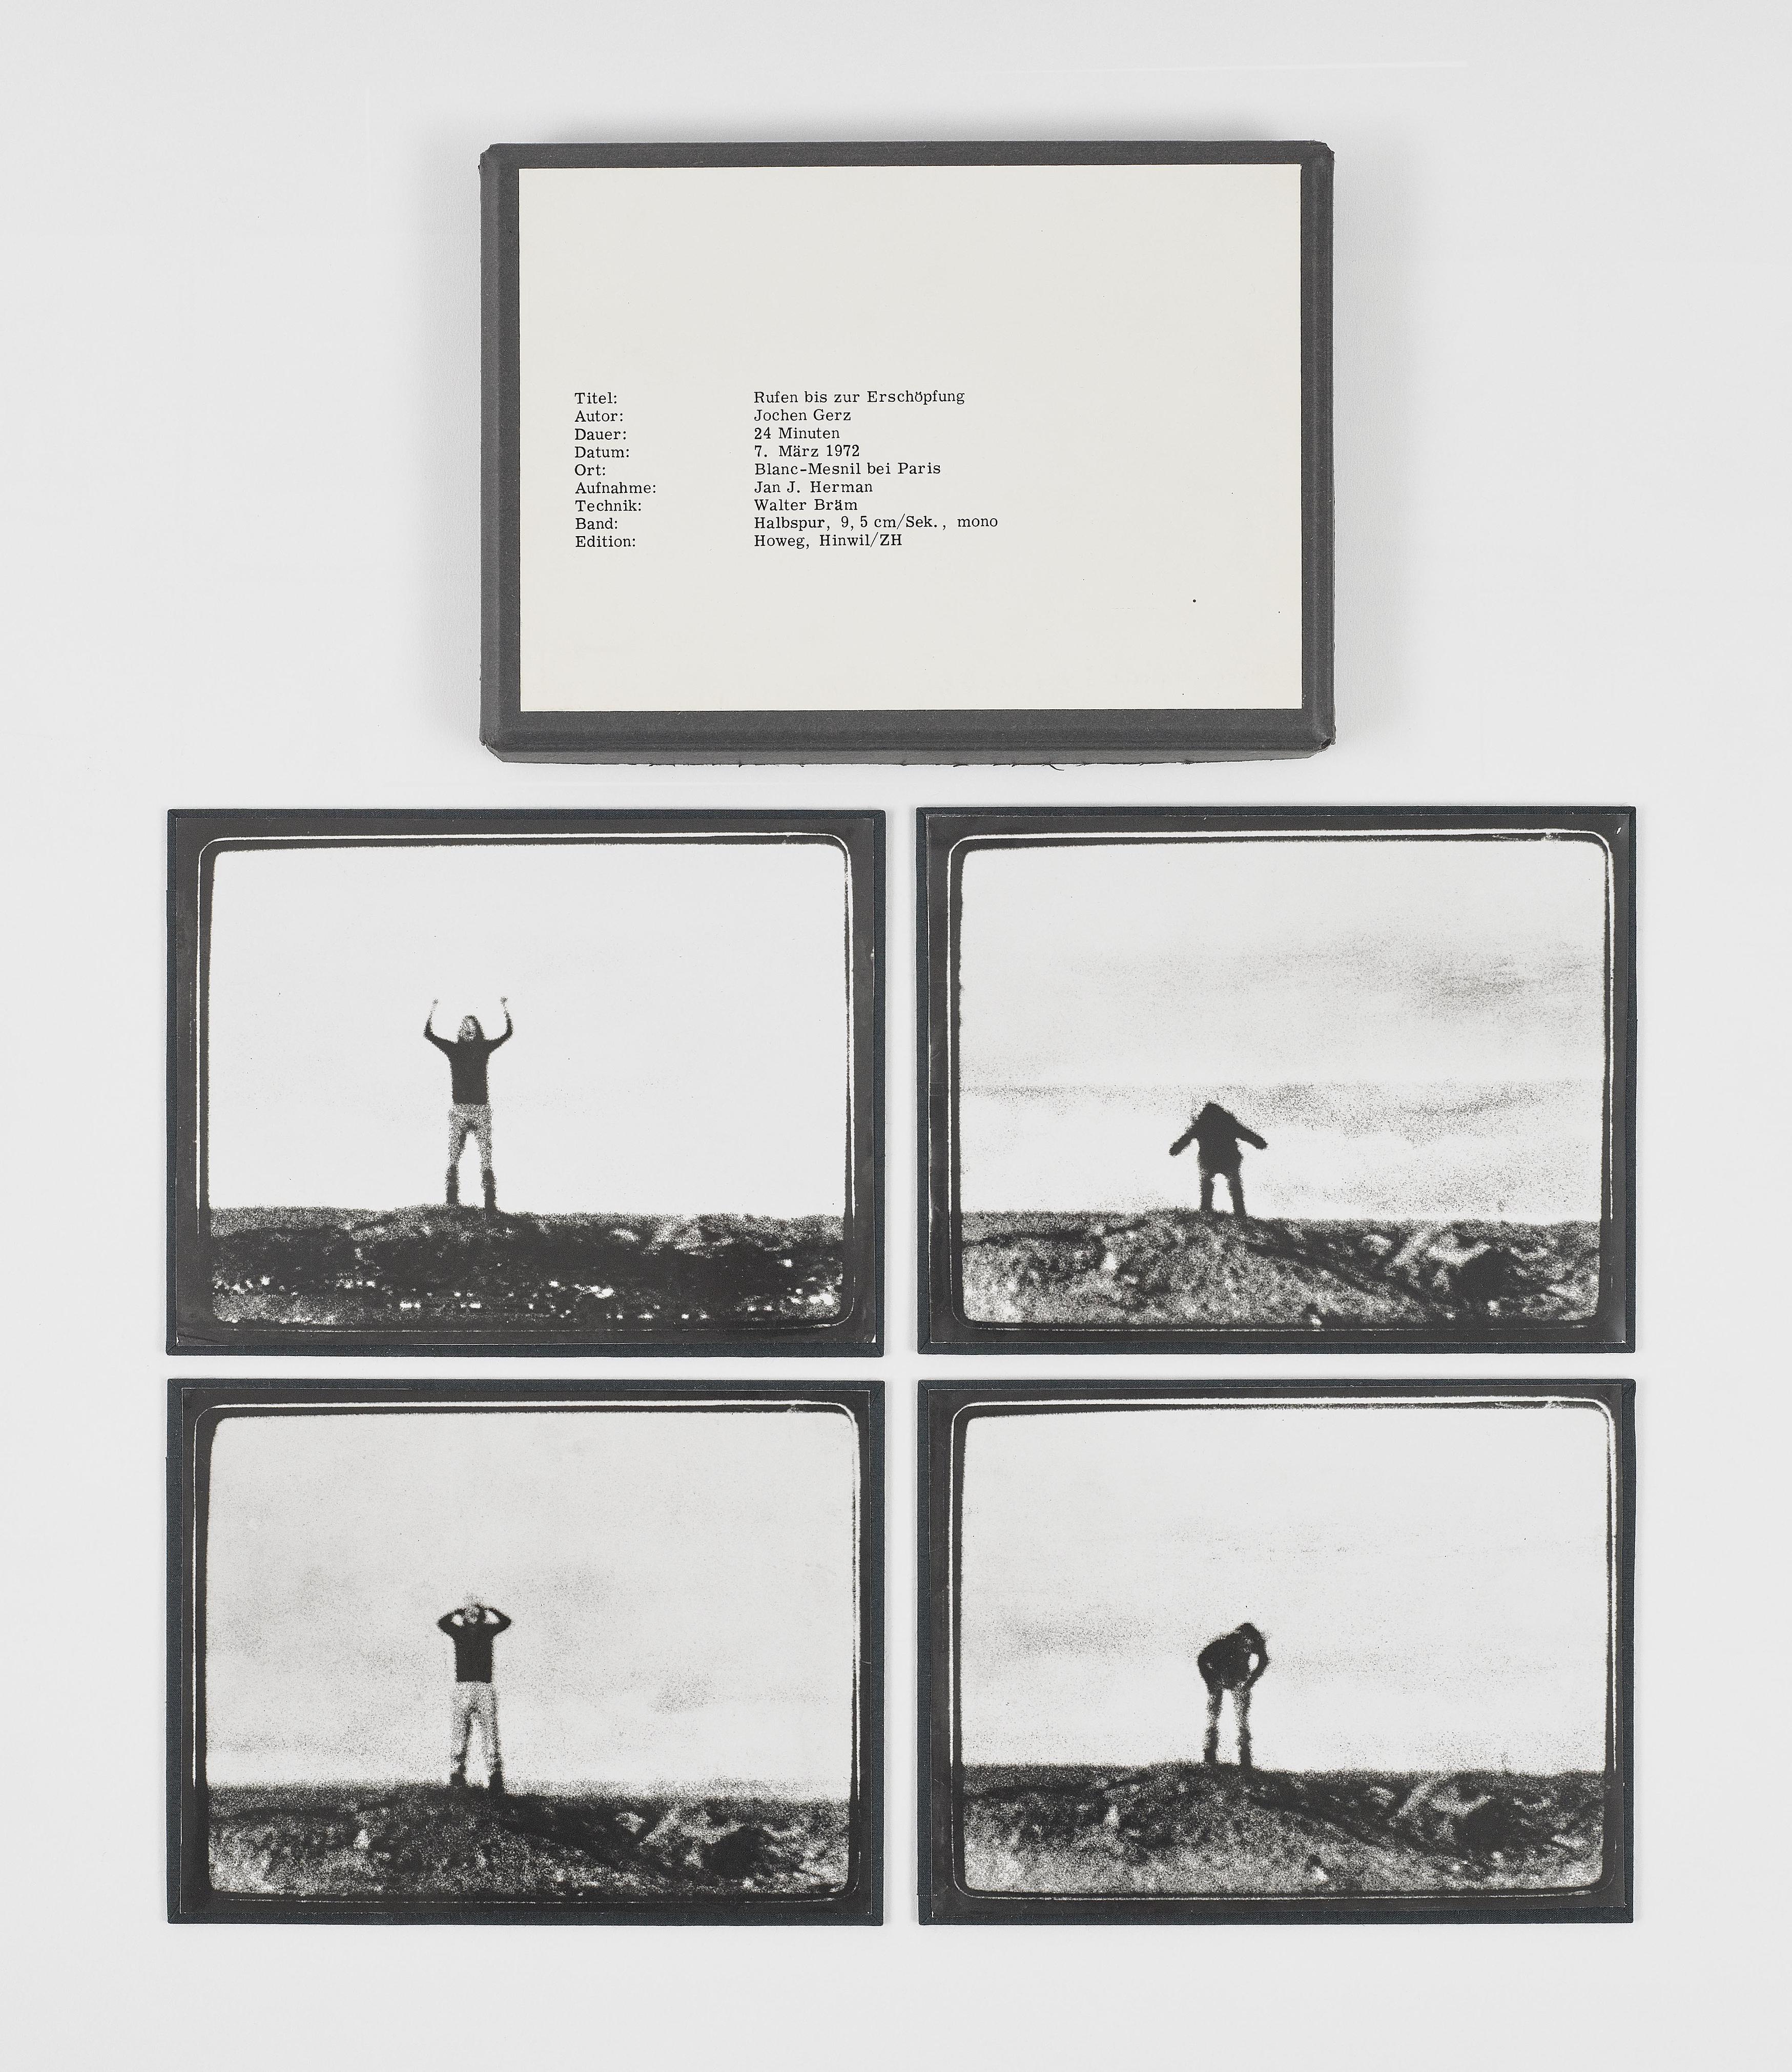 Jochen Gerz-Rufen Bis Zur Erschopfungedition Howeg, Hinwil/Zurich (Calling until exhausted. Howeg Edition, Hinwil/Zurich)-1972